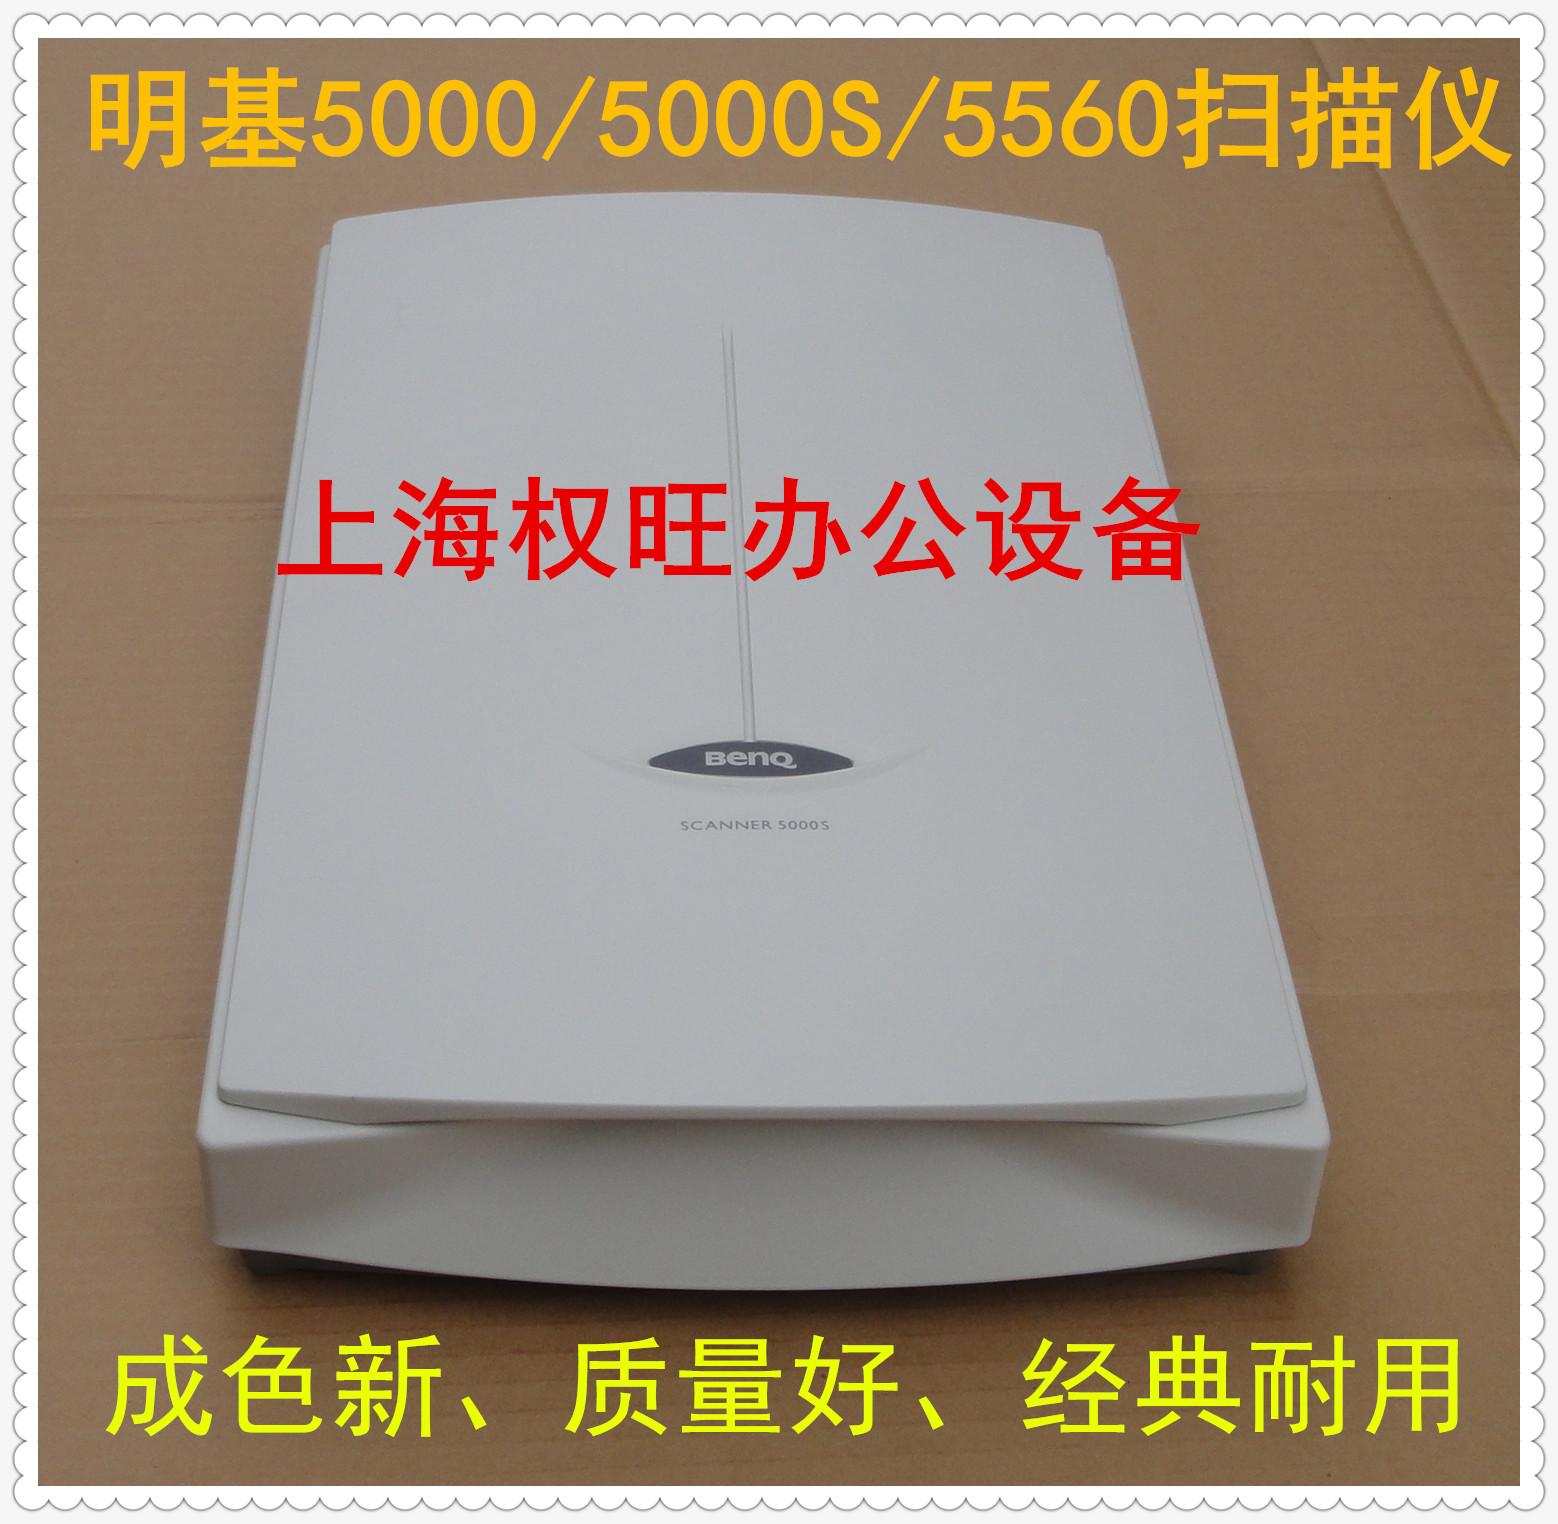 二手明基5550/5560/8800/7650文件图片照片实物扫描仪 Изображение 1